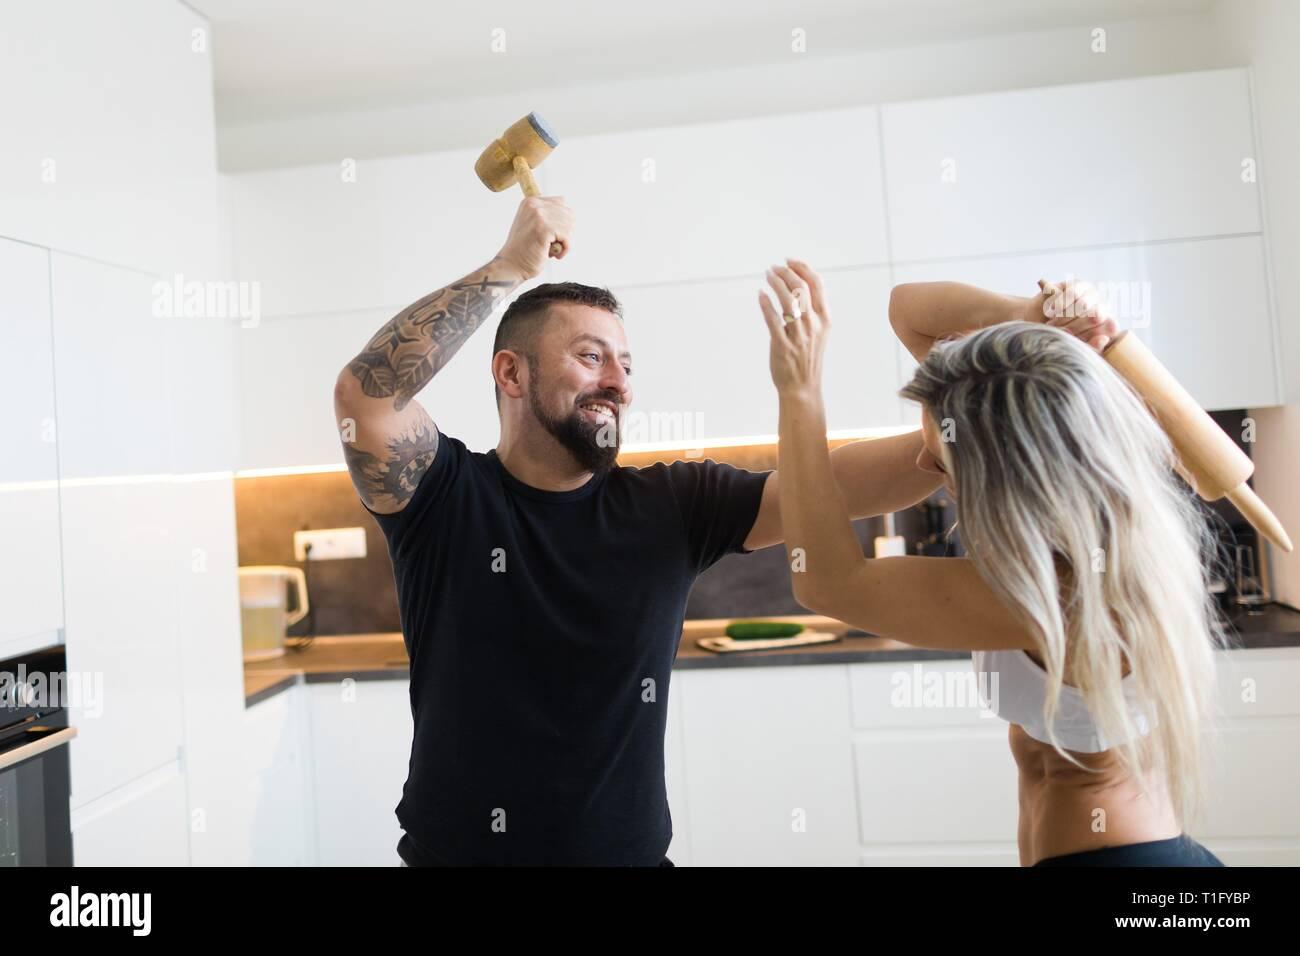 El esposo y la esposa de enfrentamiento en cocina con rodillo de masa y carne Mallet. El lado negativo de la relación entre el hombre y la mujer. Imagen De Stock